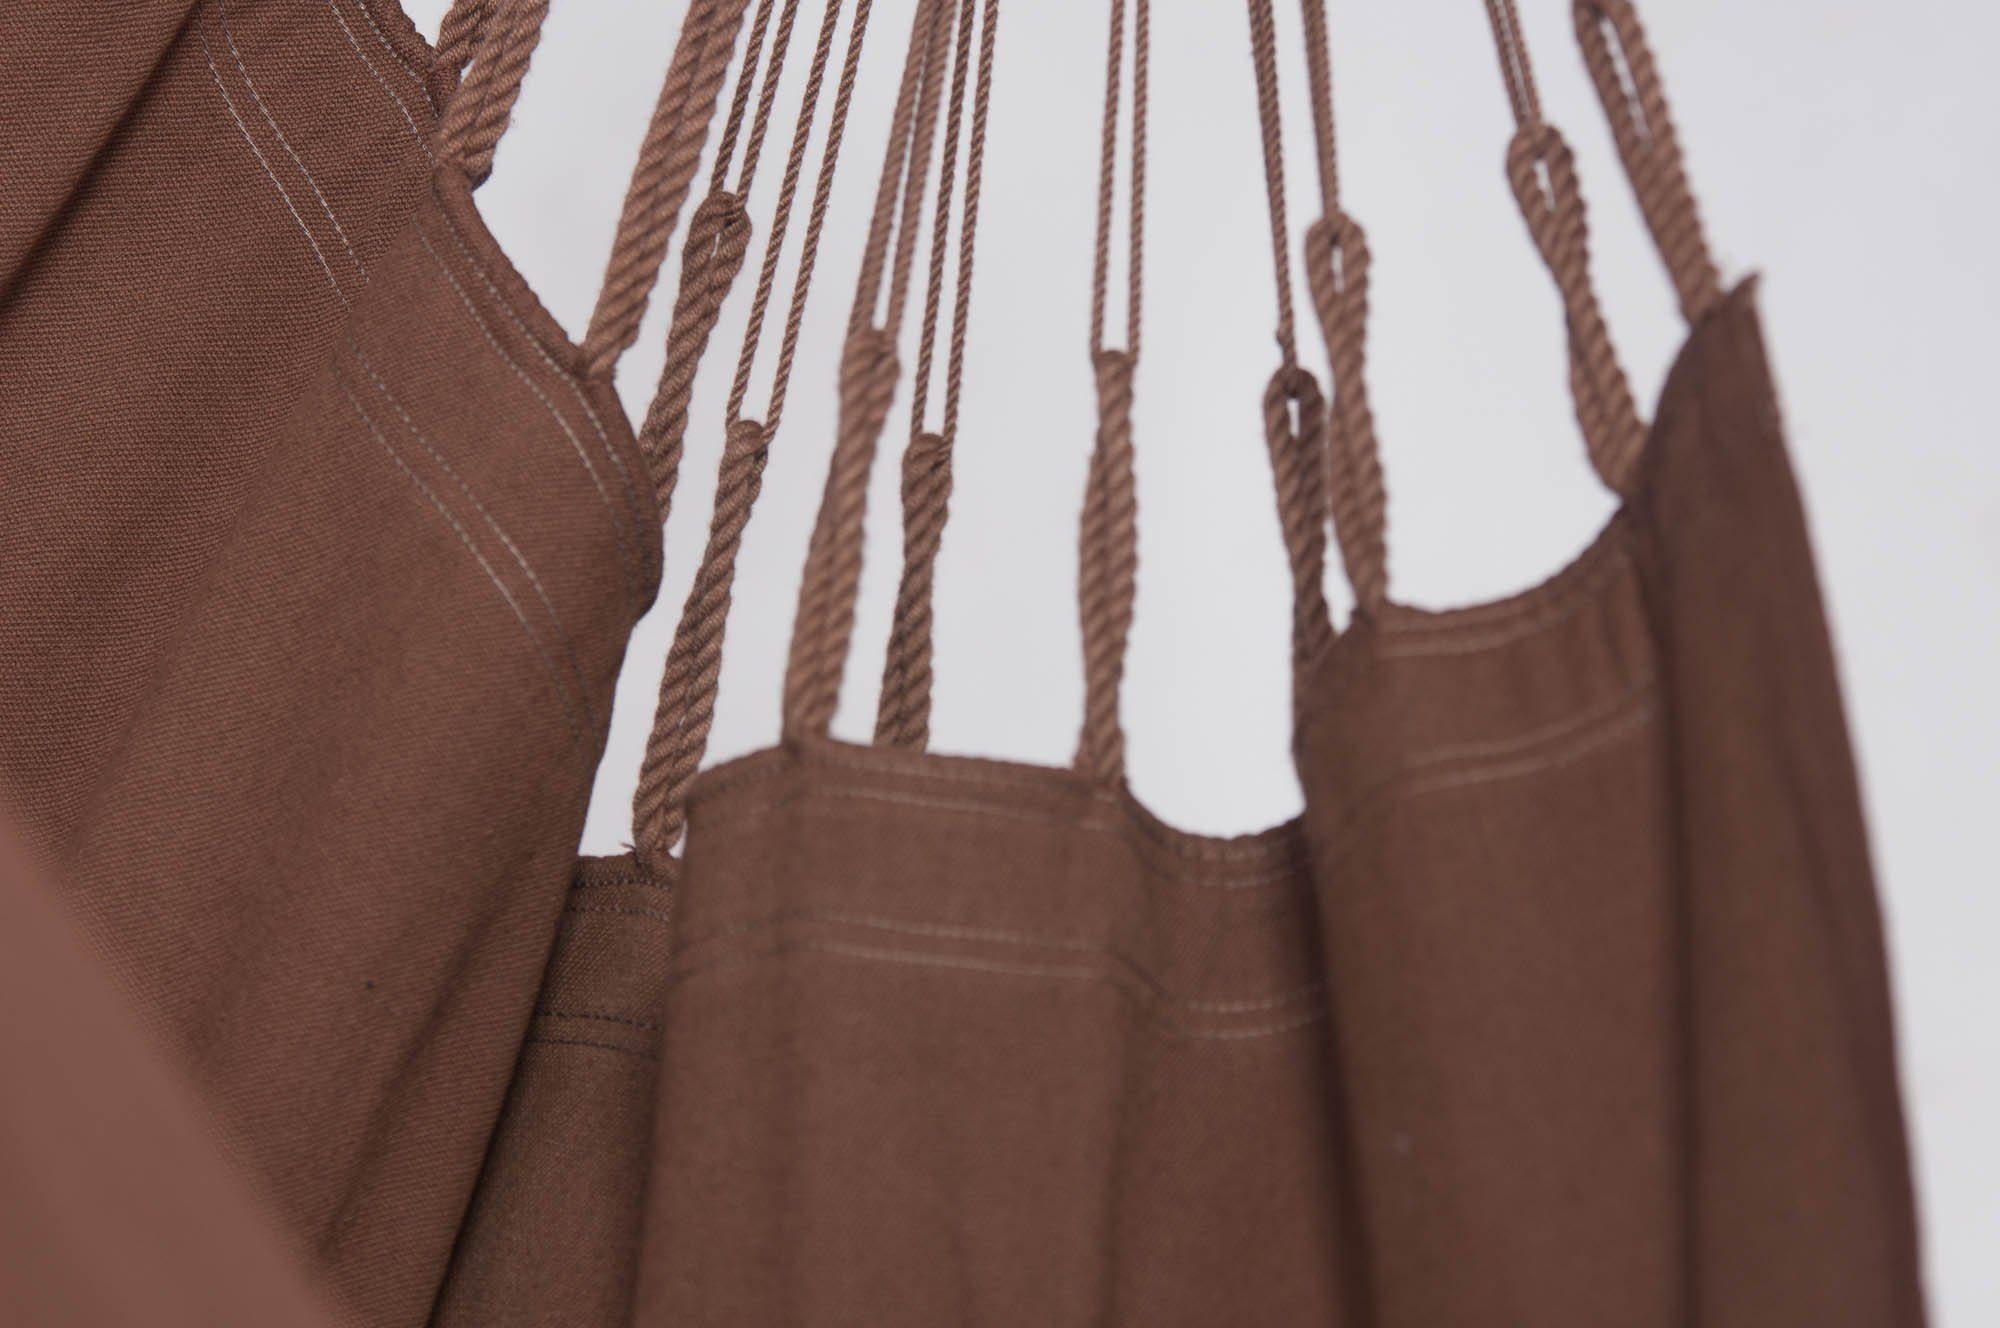 Detaljbild på hänggungan Modesta i färgen Arabica.